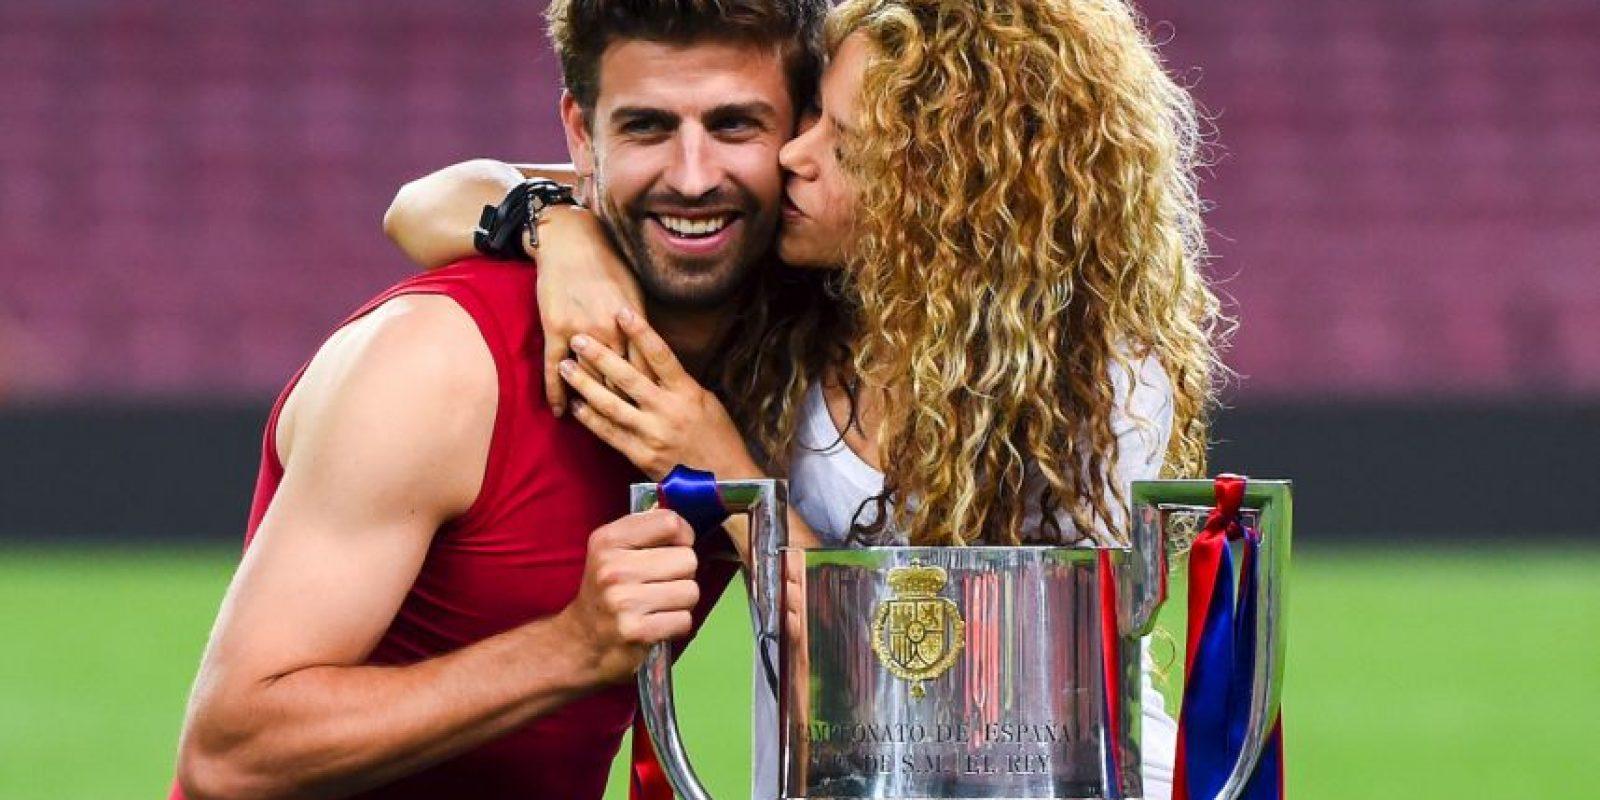 Finalmente, España sí fue campeón y Piqué no sólo invitó a salir a Shakira, la convirtió en su pareja y madre de sus dos hijos: Milan y Sasha. Foto:Getty Images